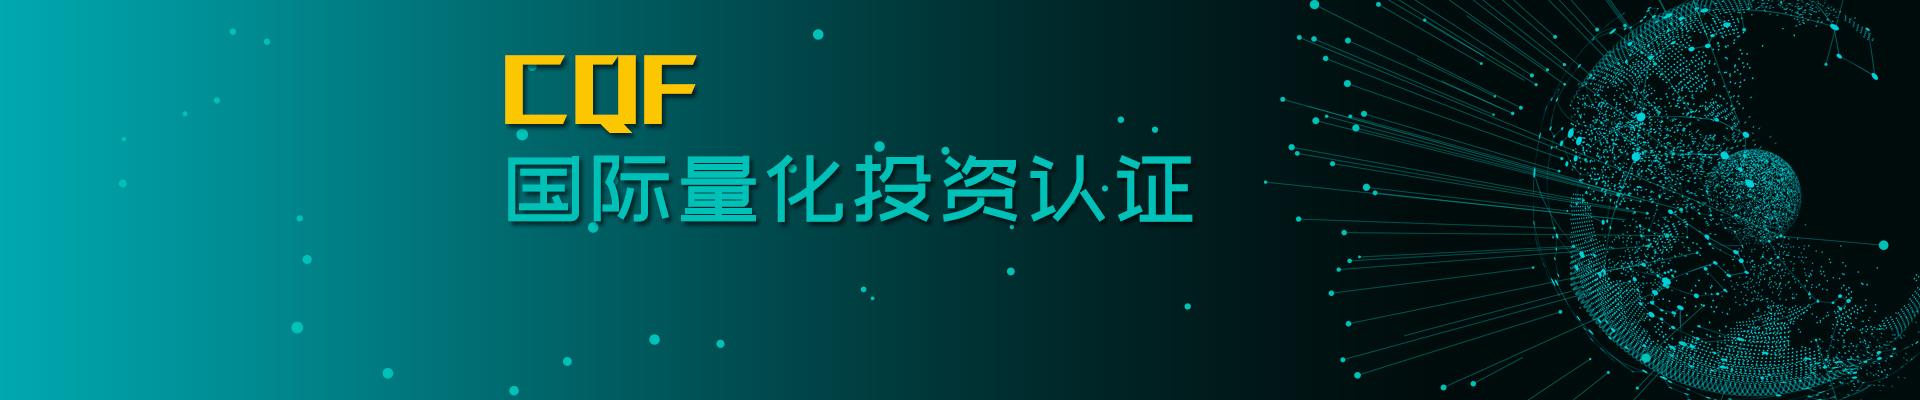 成都高顿财经锦江校区